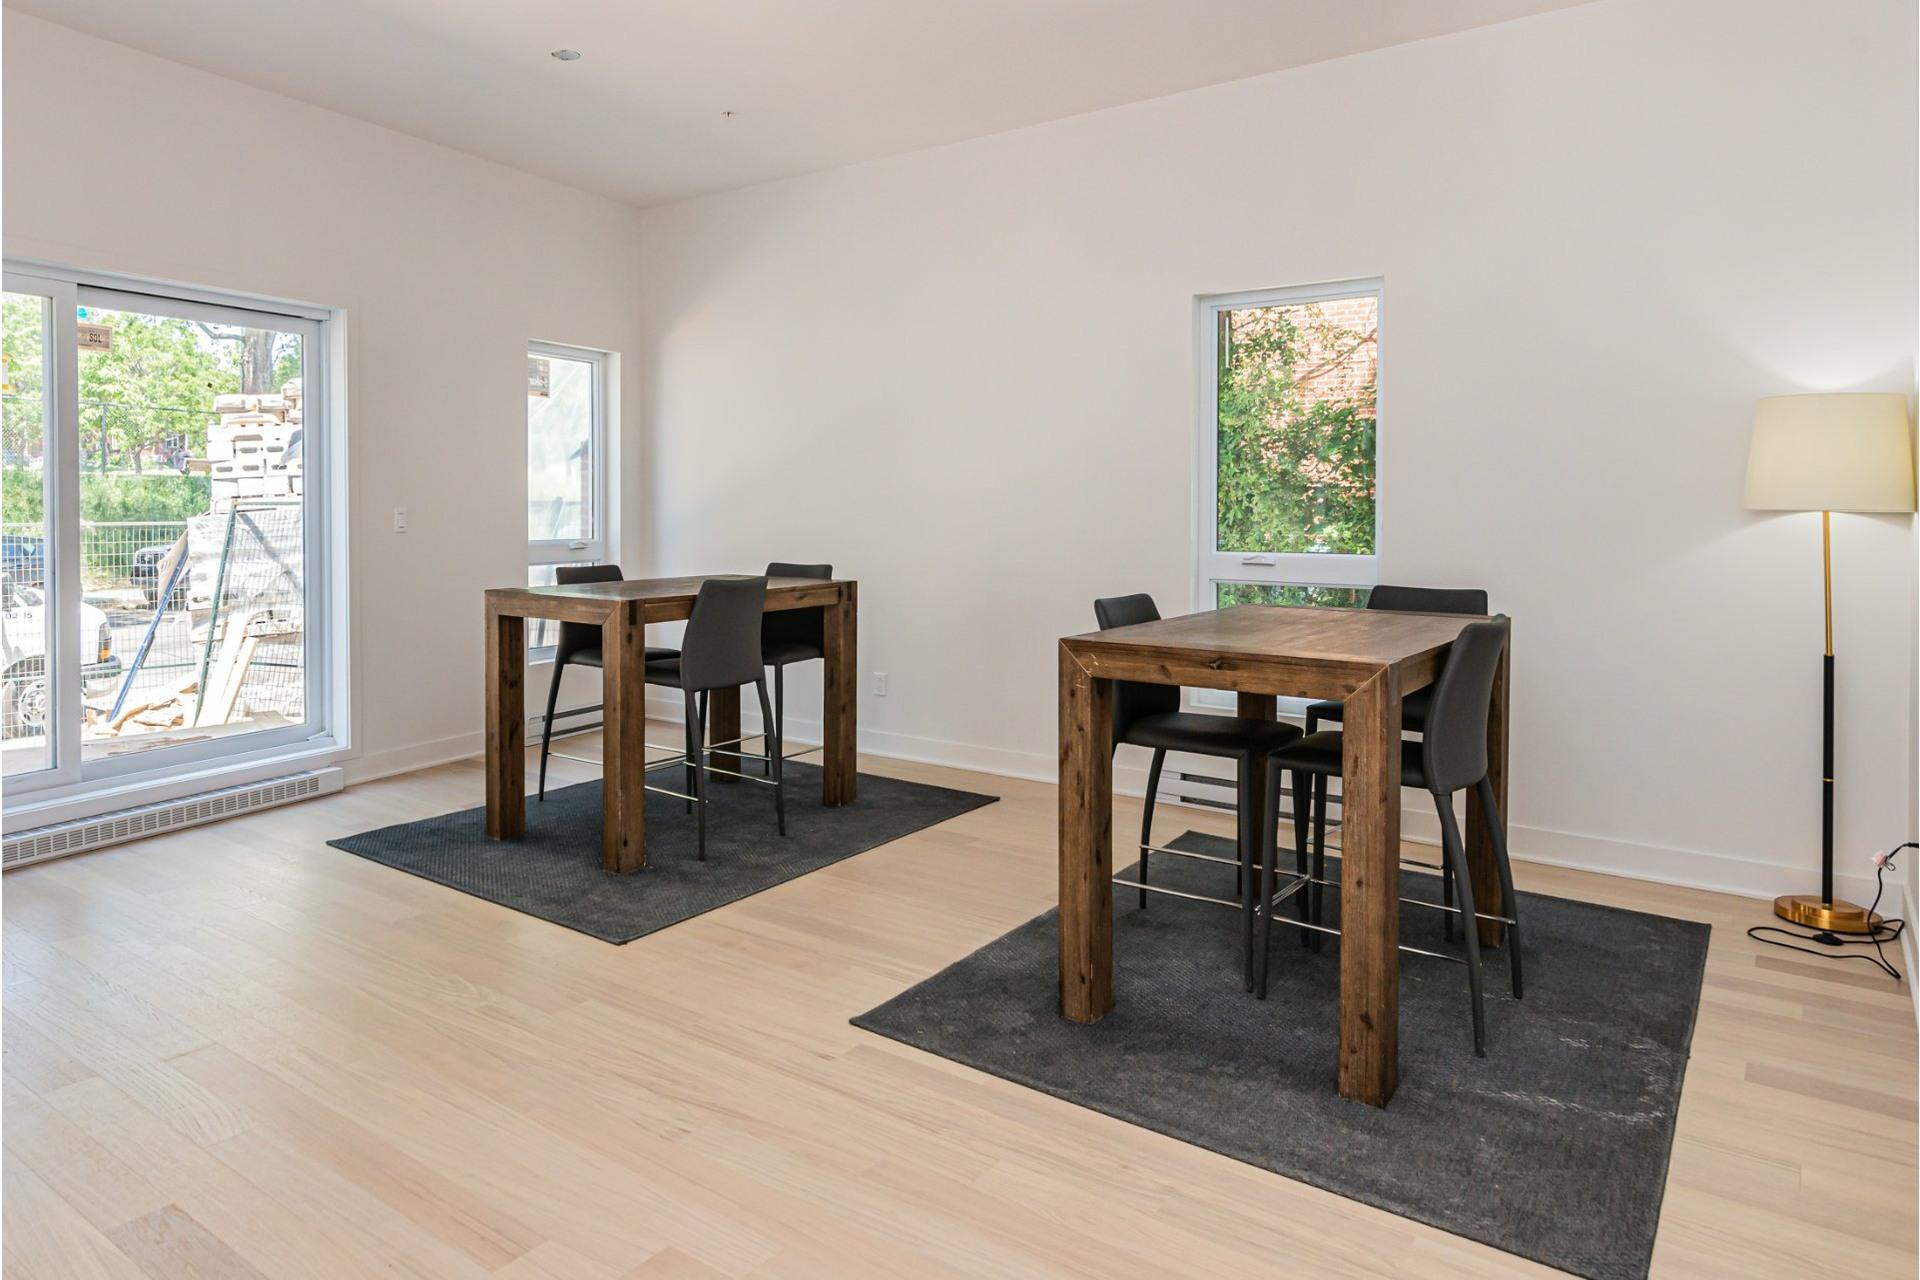 image 8 - Apartment For sale Rosemont/La Petite-Patrie Montréal  - 5 rooms